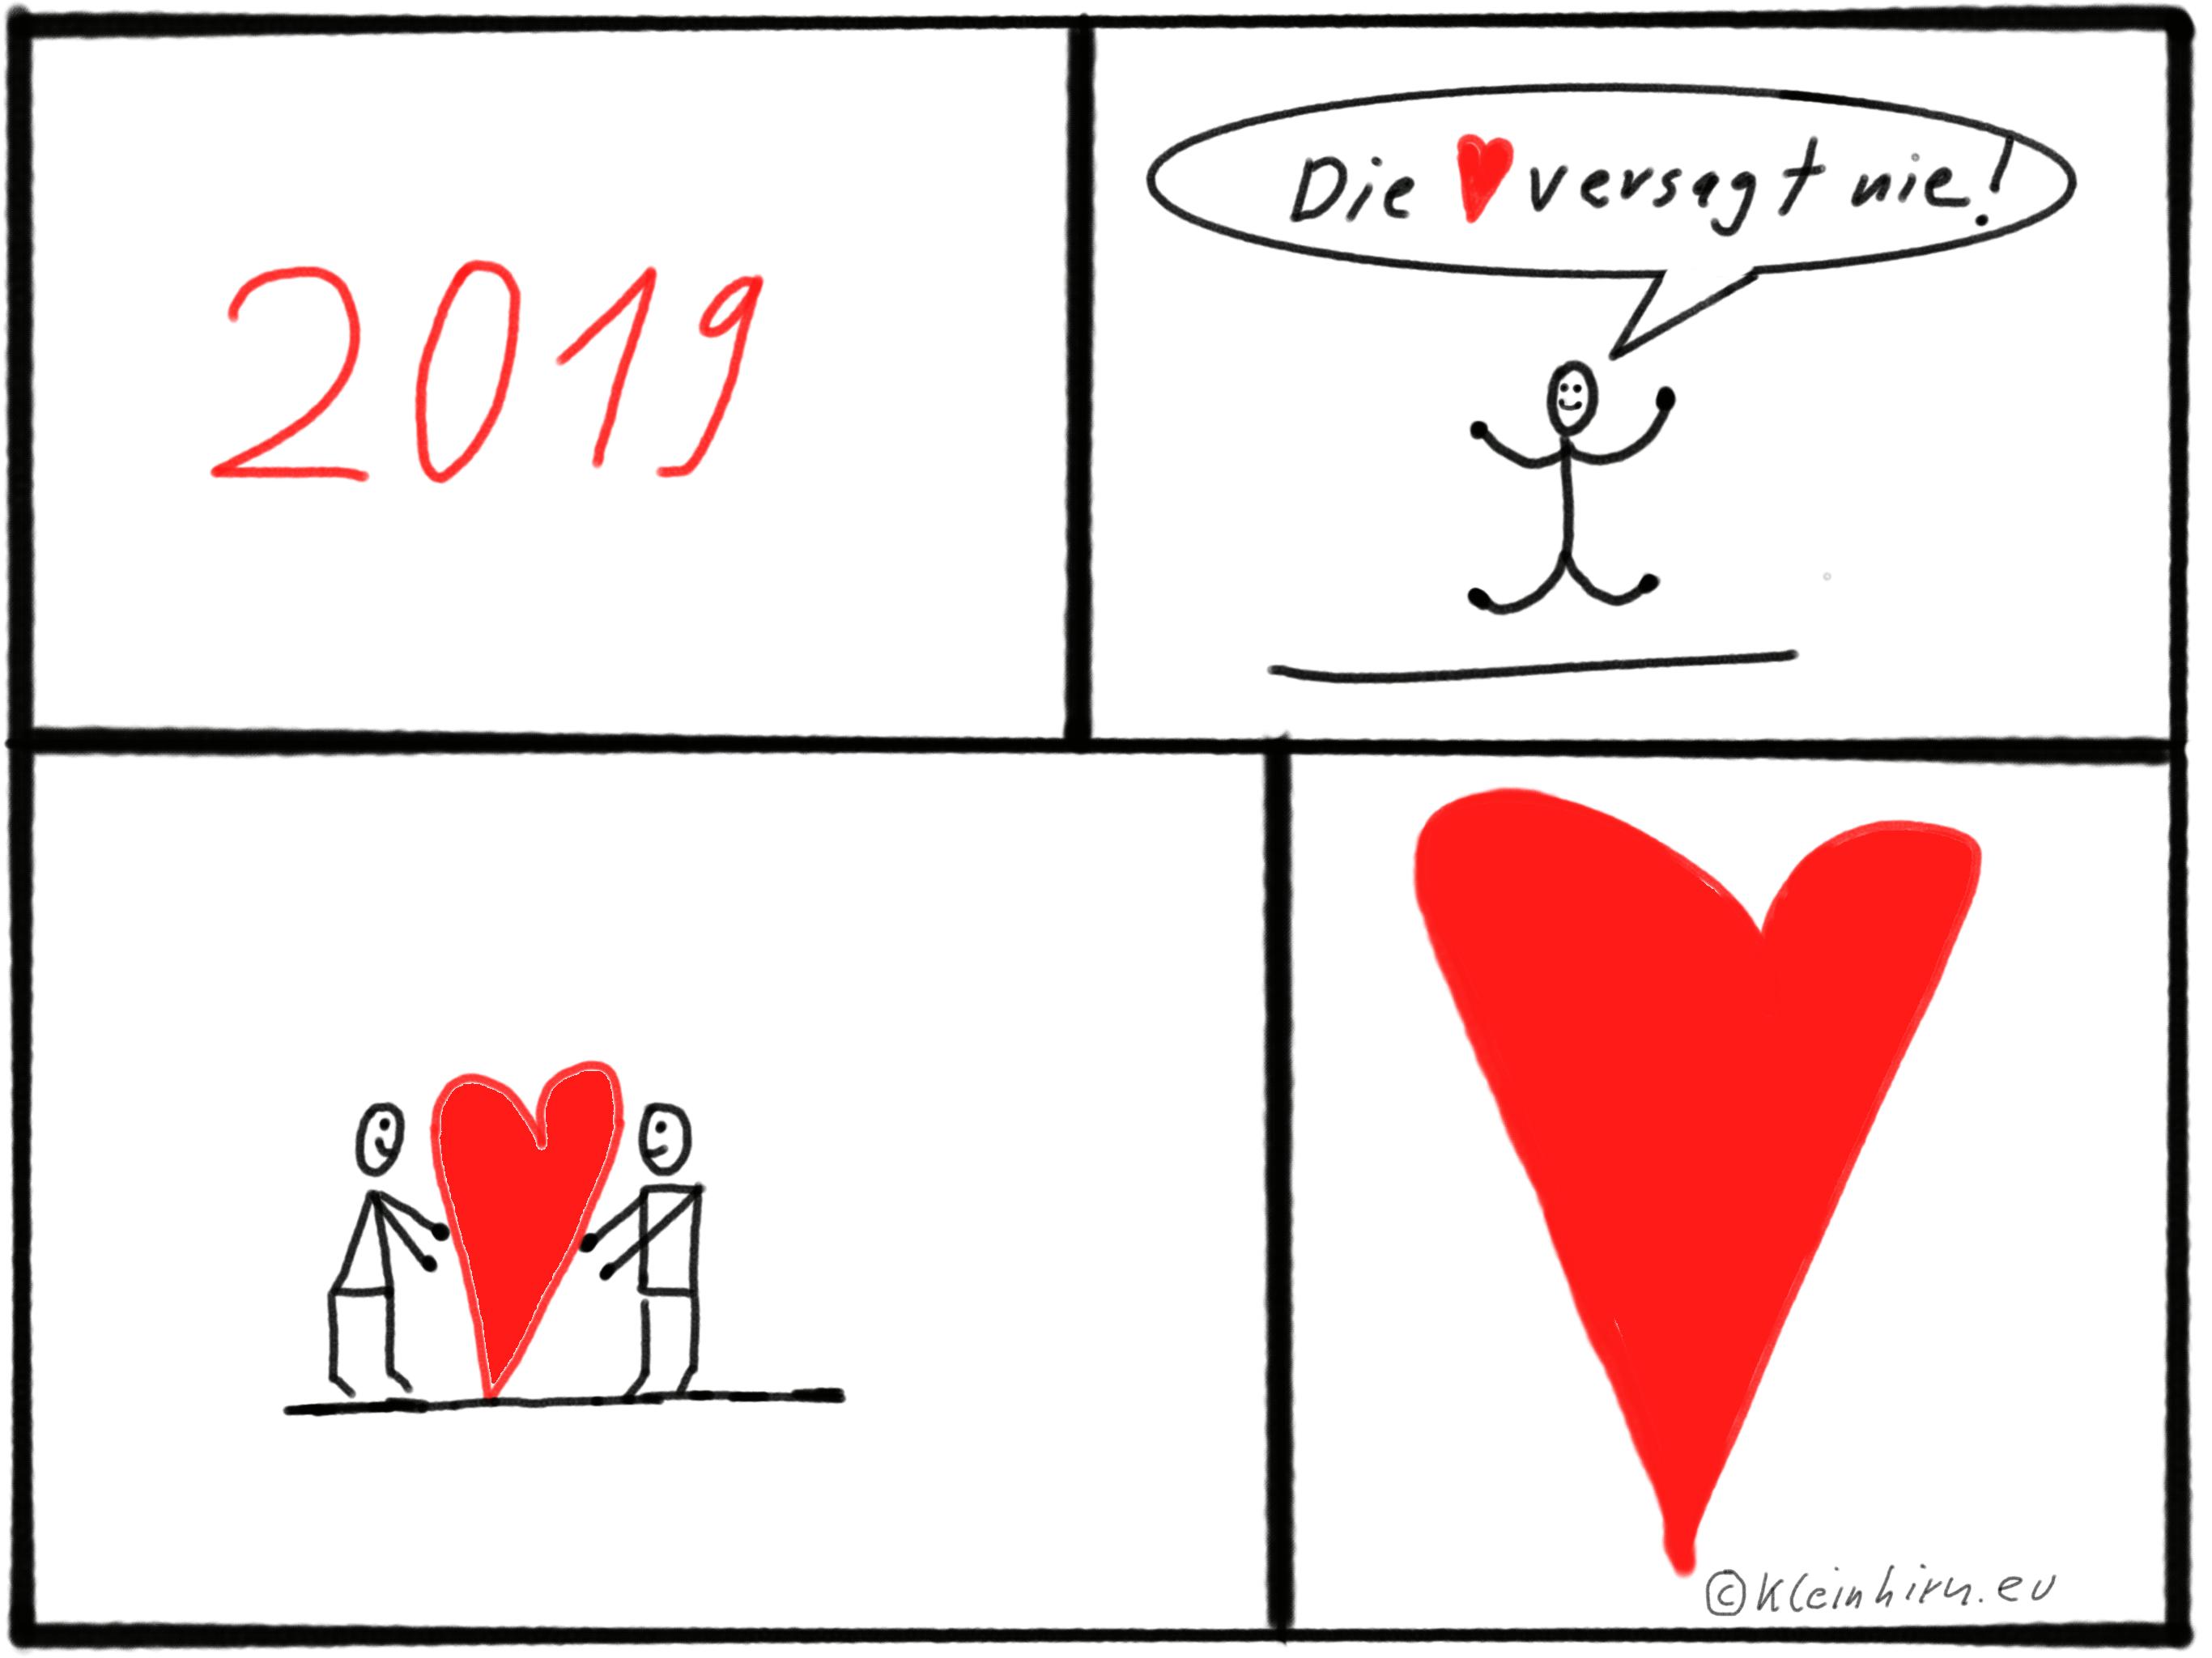 Die Liebe versagt nie